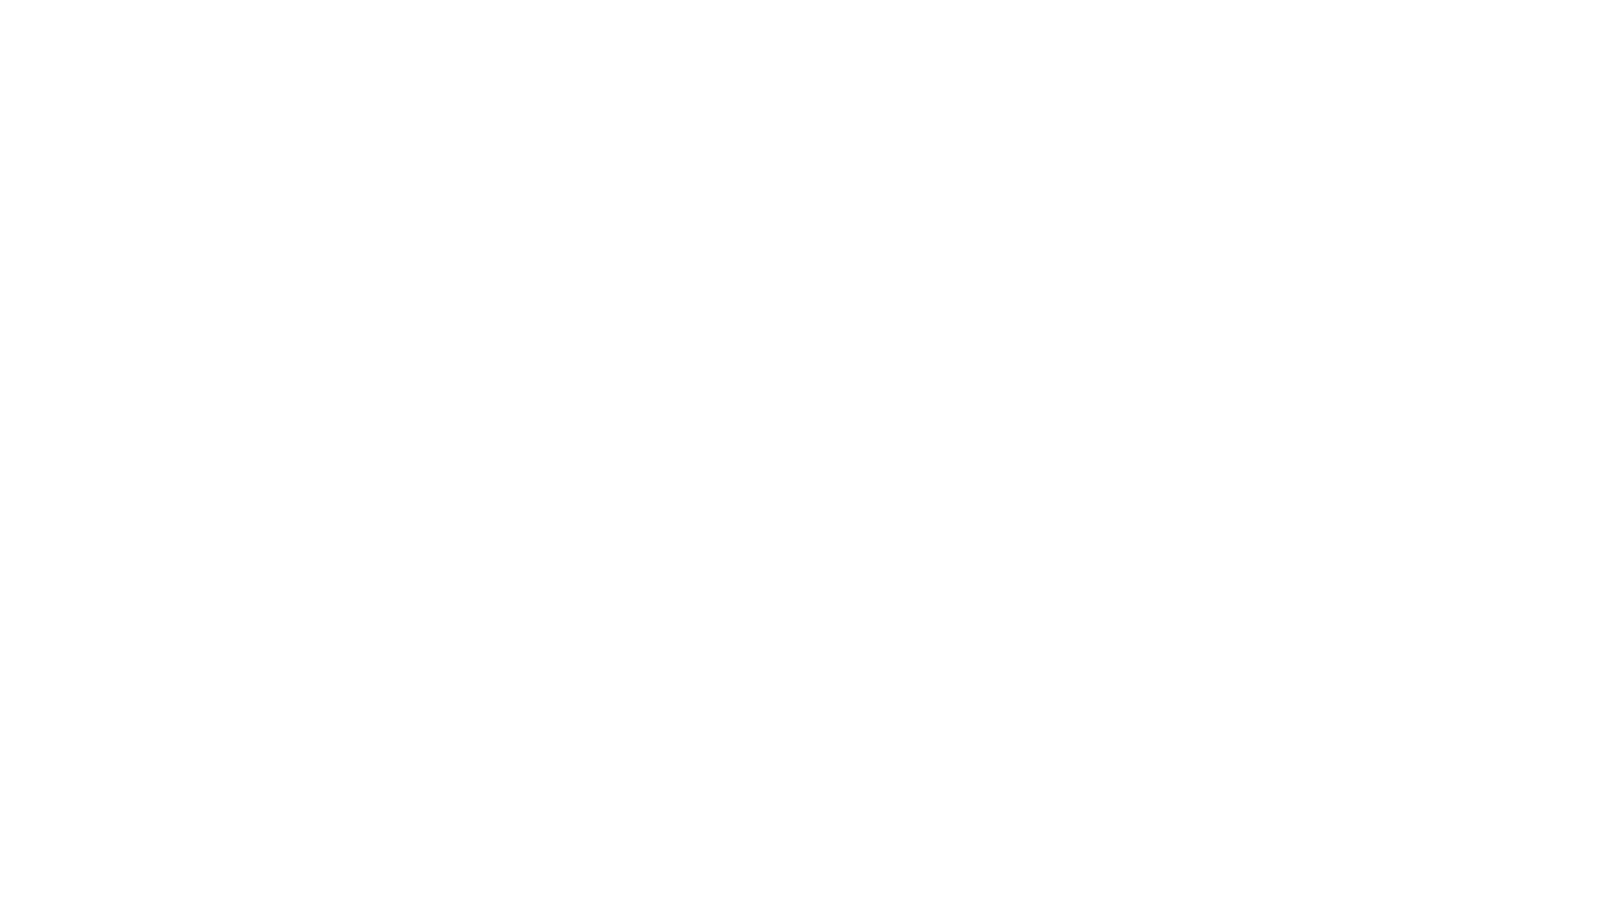 """👉 Le DETAIL de la recette : https://recettecuisineayurvedique.com  👈 🎁 Inscription à la NEWSLETTER avec l'accès fonctions PREMIUMS OFFERT  : https://recettecuisineayurvedique.com 🎁 💝 DEROULEZ,  LIKEZ  et  ABONNEZ-VOUS : https://www.youtube.com/channel/UCKenipMja7awvAAO21HEEYQ 💝   👇 HORODATAGE de la vidéo (en cliquant, vous accédez directement au chapitre indiqué) : 00:00  Intro 00:24  Présentation 01:16  Horodatage 01:26  Recette 04:50  Secrets de Professionnelle 06:27  Framboise d'un point de vue ayurvédique 08:48  A très vite !  L'ACTUALITE sur les réseaux sociaux : 👍 FACEBOOK : https://www.facebook.com/RecetteCuisineAyurvedique/ 👍 INSTAGRAM (La Vie des Gens Heureux en coulisse) : https://www.instagram.com/laviedesgensheureux/ 👍 PINTEREST (nouveau compte) : https://www.pinterest.fr/recettecuisineayurvedique/   Nathalie MH Fabre, thérapeute professionnelle de l'Ayurvéda, praticienne en soins énergétiques, enseignante en méditation et formatrice en gemmothérapie, vous propose des recettes de cuisine ayurvédique simples, faciles et conviviales le samedi.  A tout de suite """"Les Gens Heureux"""" !  #ayurveda, #recette, #cuisine, #ayurvedique, #recettecuisineayurvedique, #nathaliemhfabre, #professionnelle, #printemps, #automne, #hiver, #été, #6saveurs, #sixsaveurs, #saveur, #vegetarien, #sansgluten, #glutenfree, #faitmaison, #vegan, #healthy, #joyeux, #laviedesgensheureux, #youtube, #epice, #ghee, #sorbet, #framboise, #collation, #6saveurs, #sattvique, #secrets, #video,"""